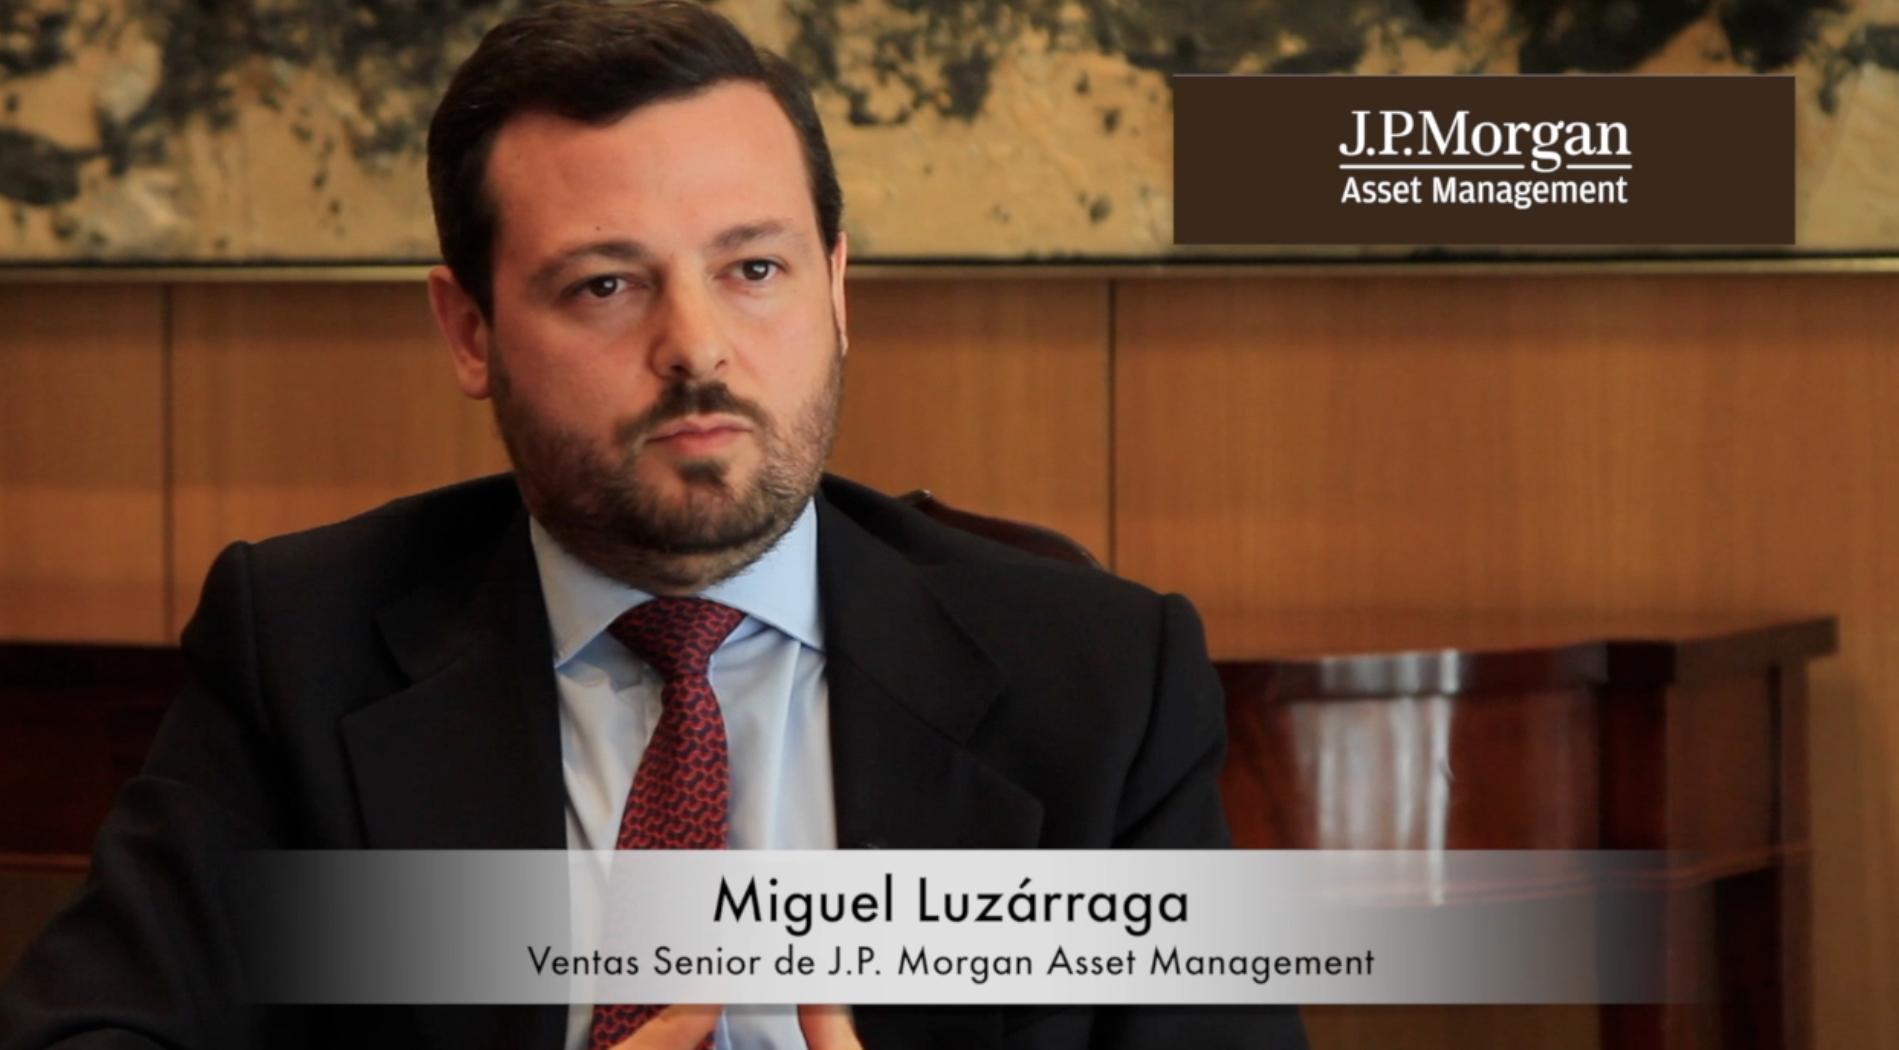 """Miguel Luzárraga (JP Morgan): """"Hemos batido por segundo año consecutivo a nuestros competidores 'Best'"""""""